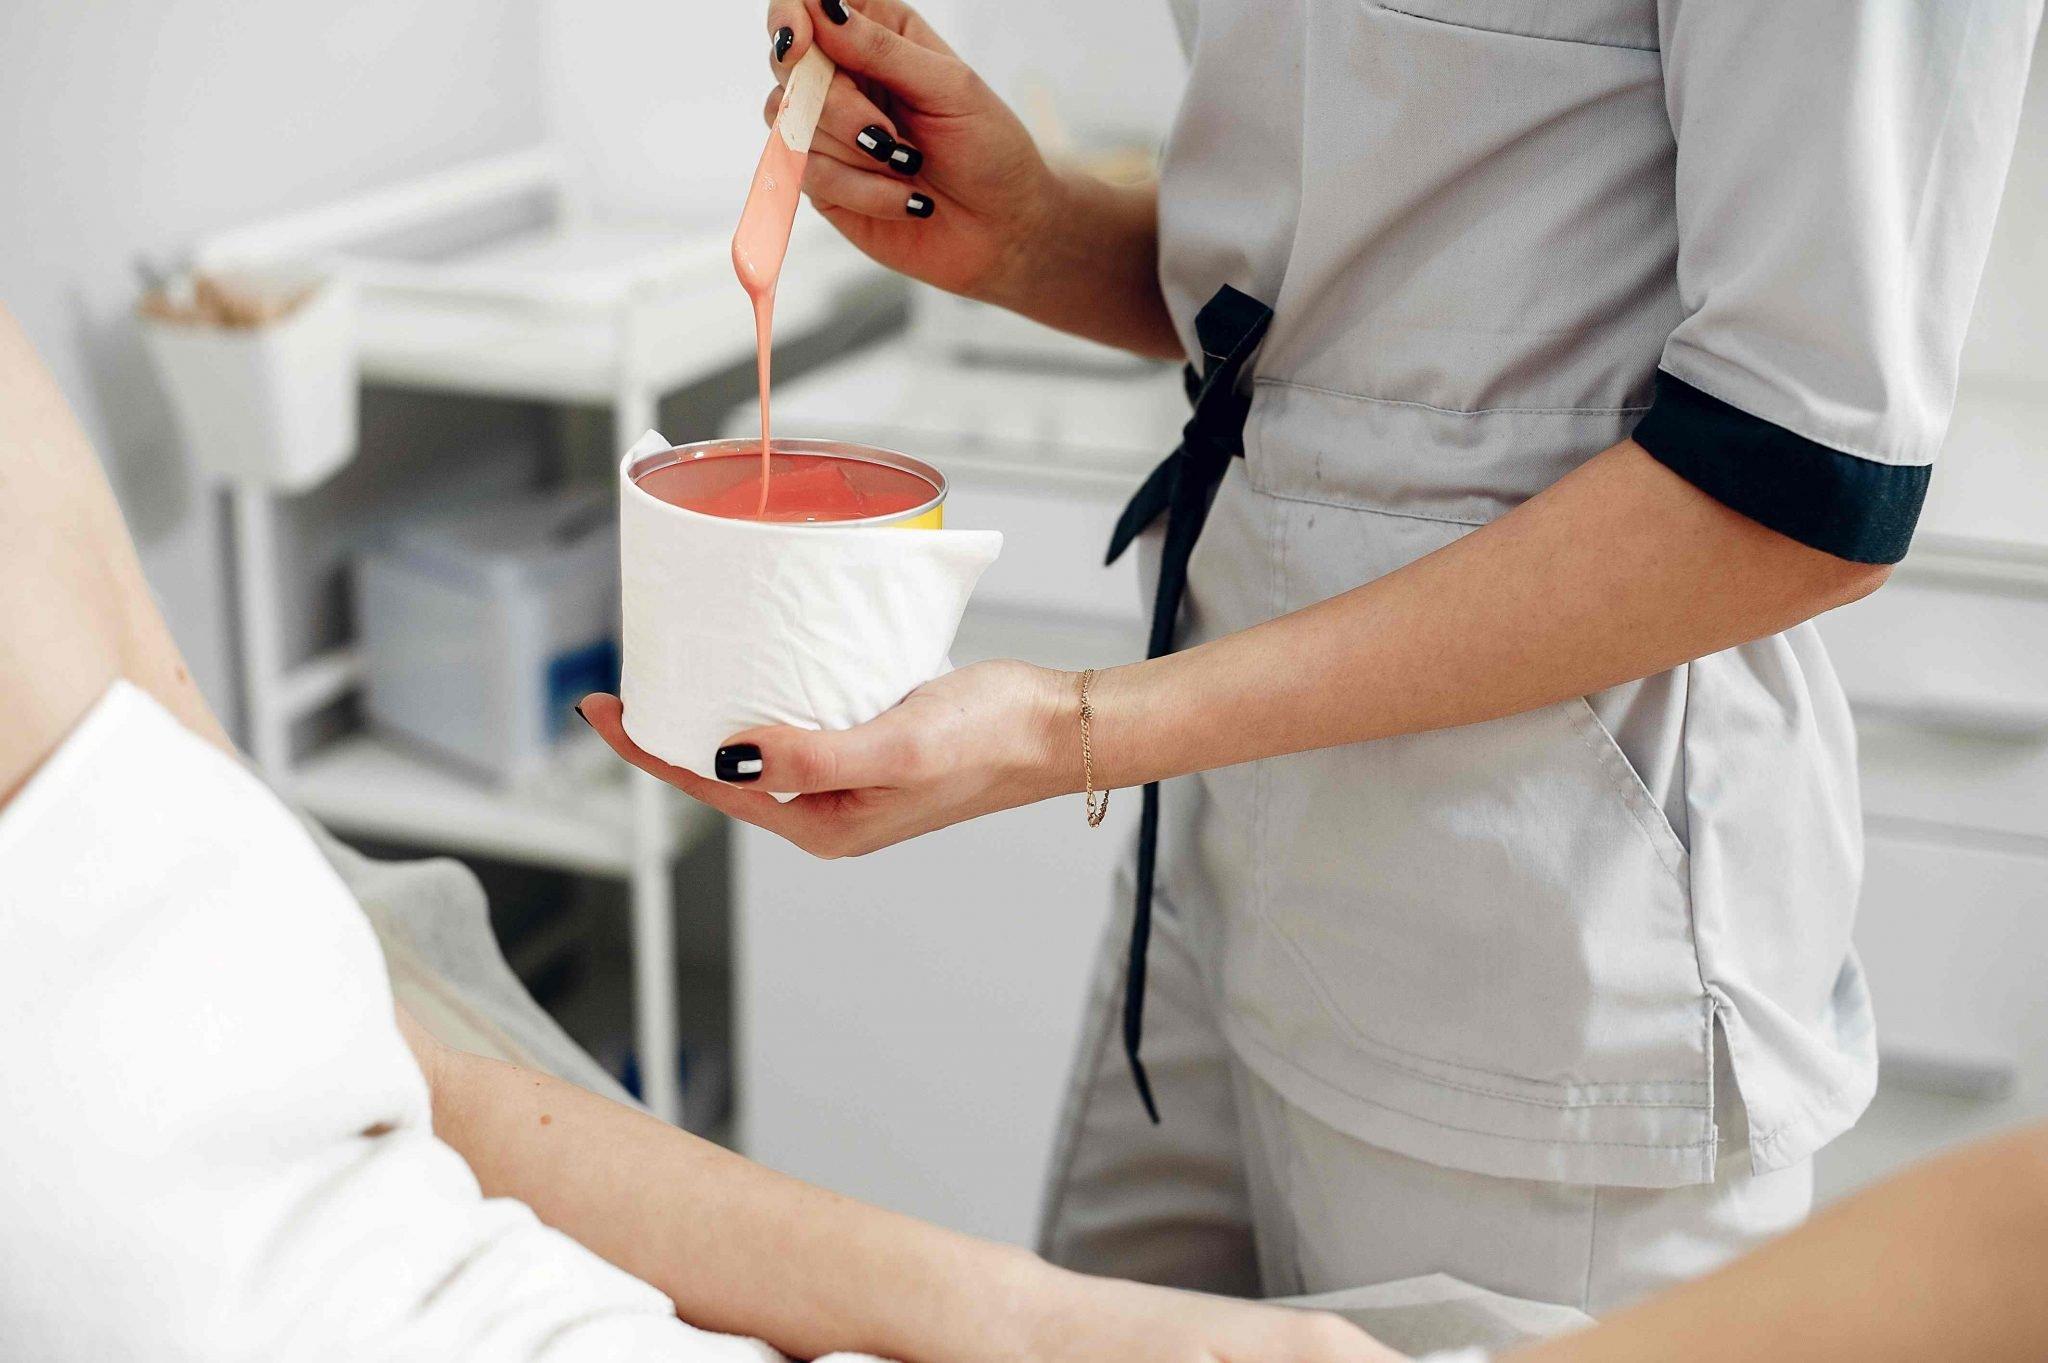 lady getting a wax